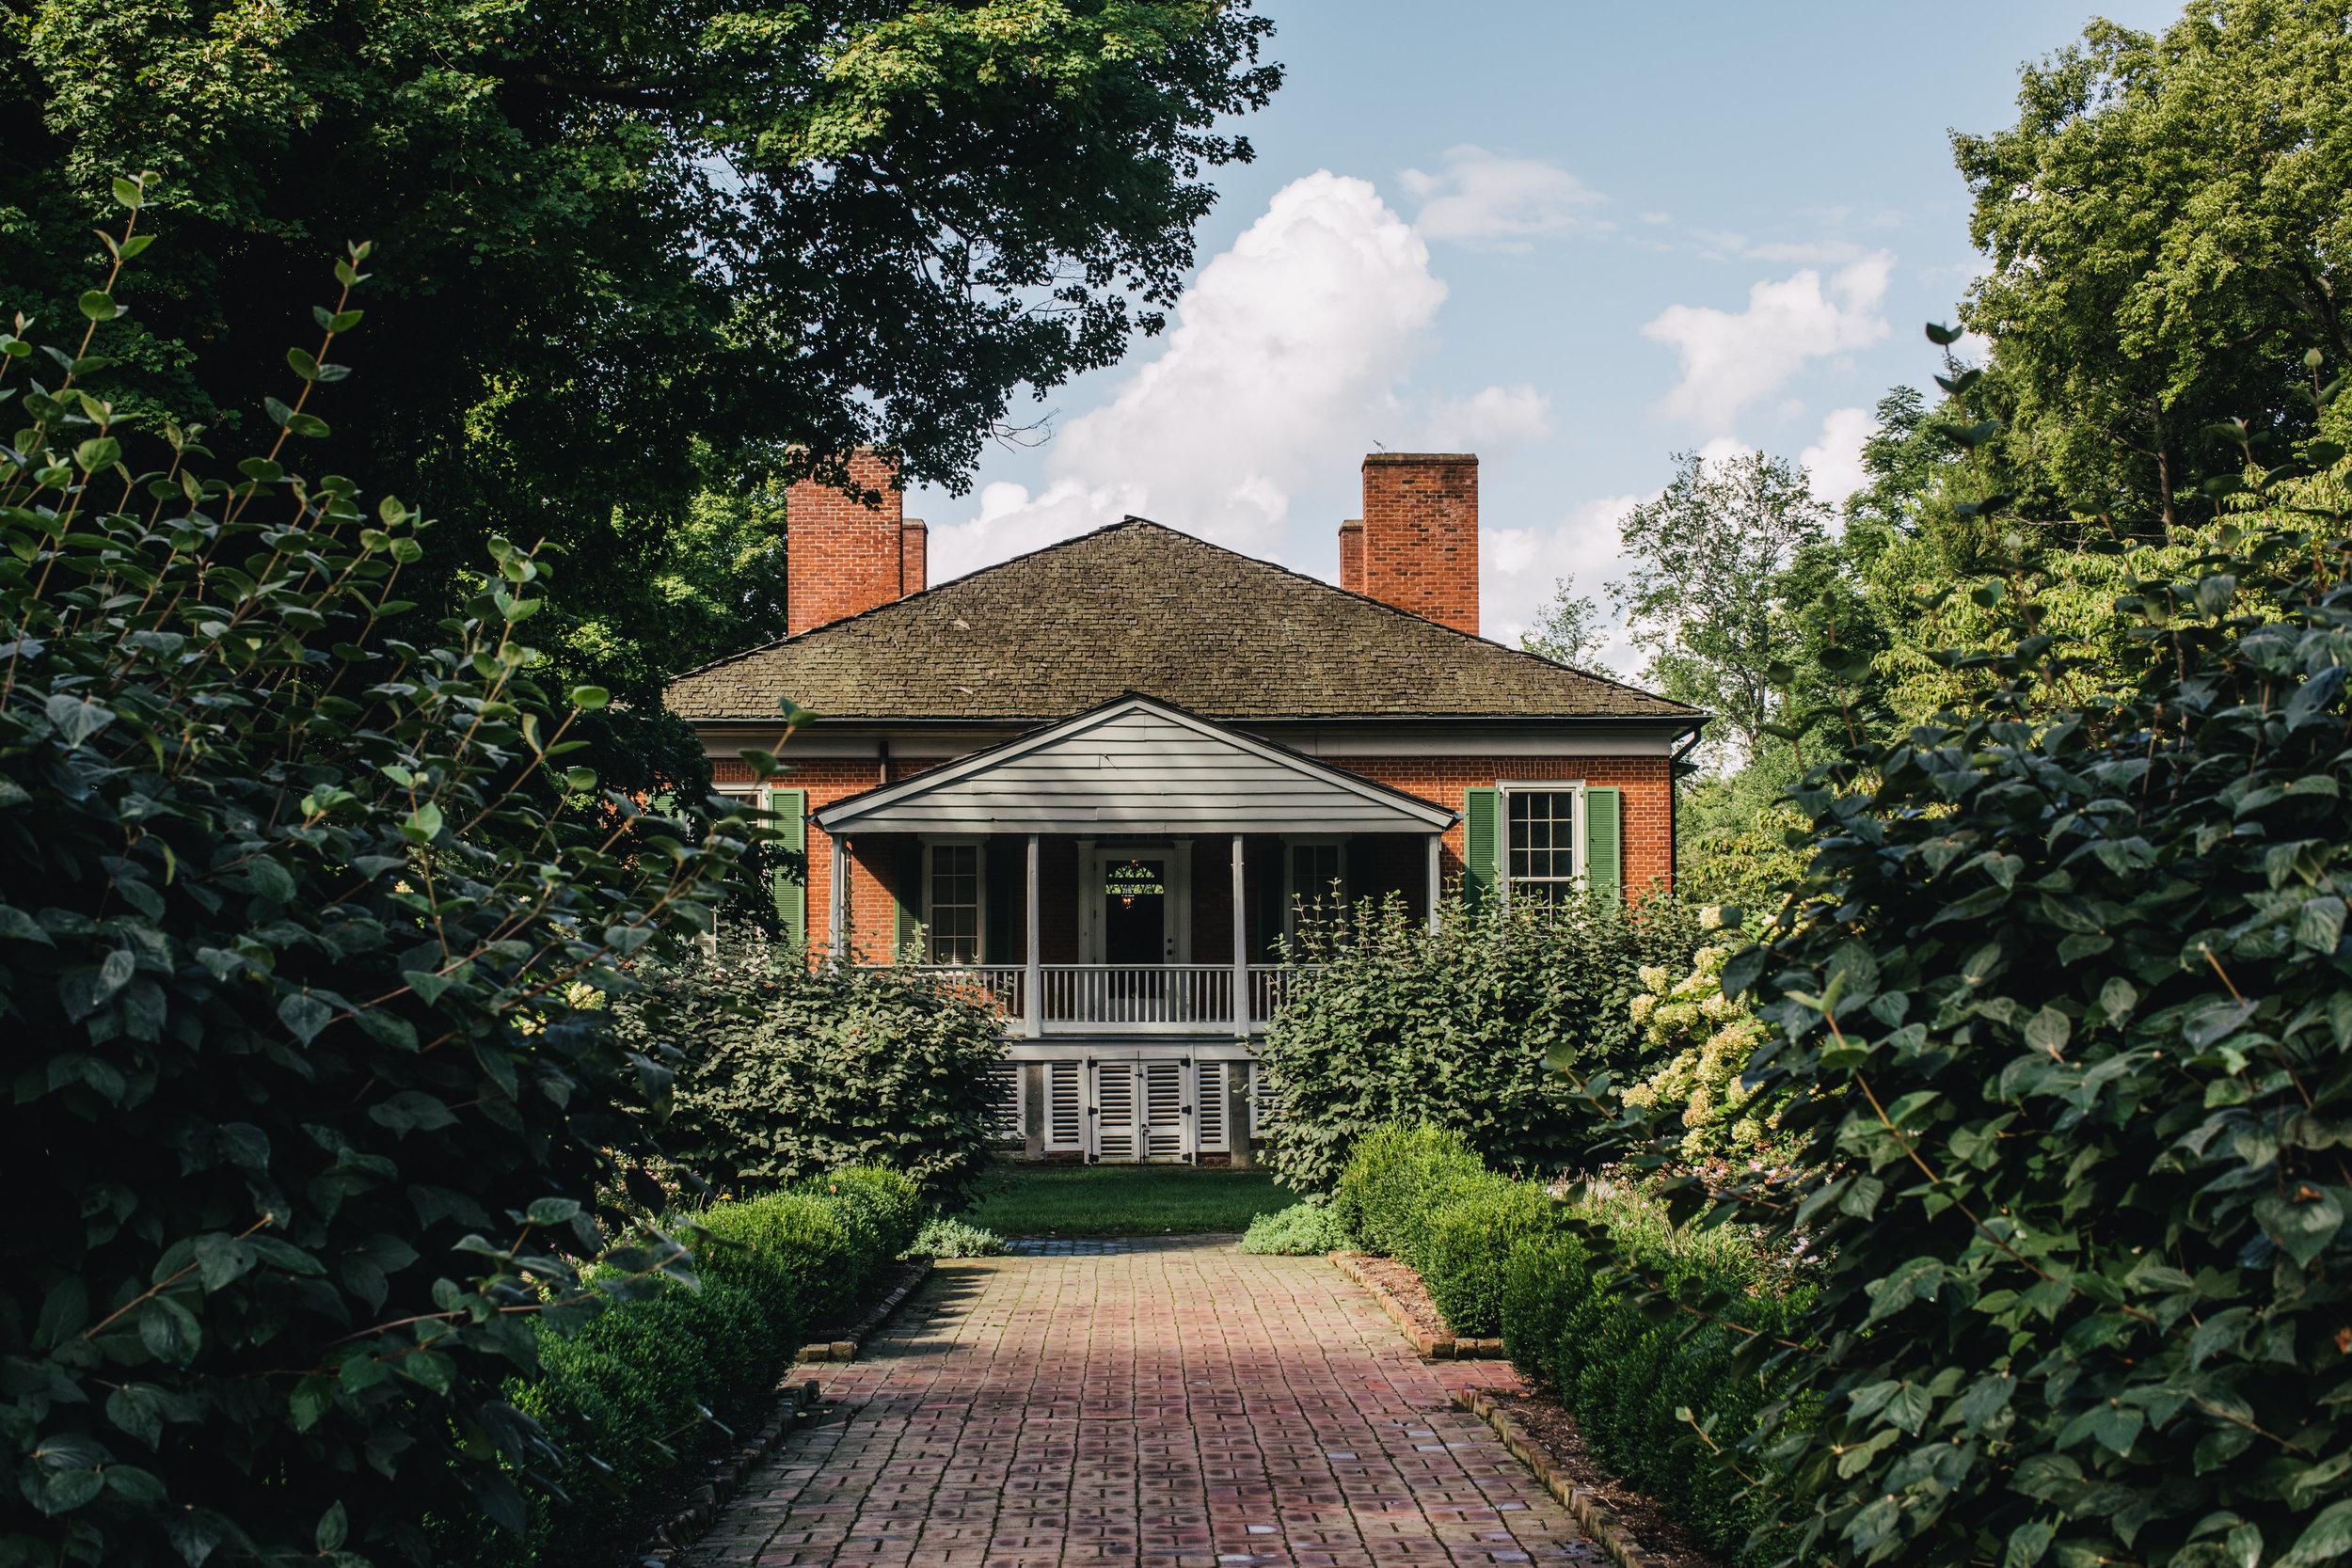 house in summer.jpg